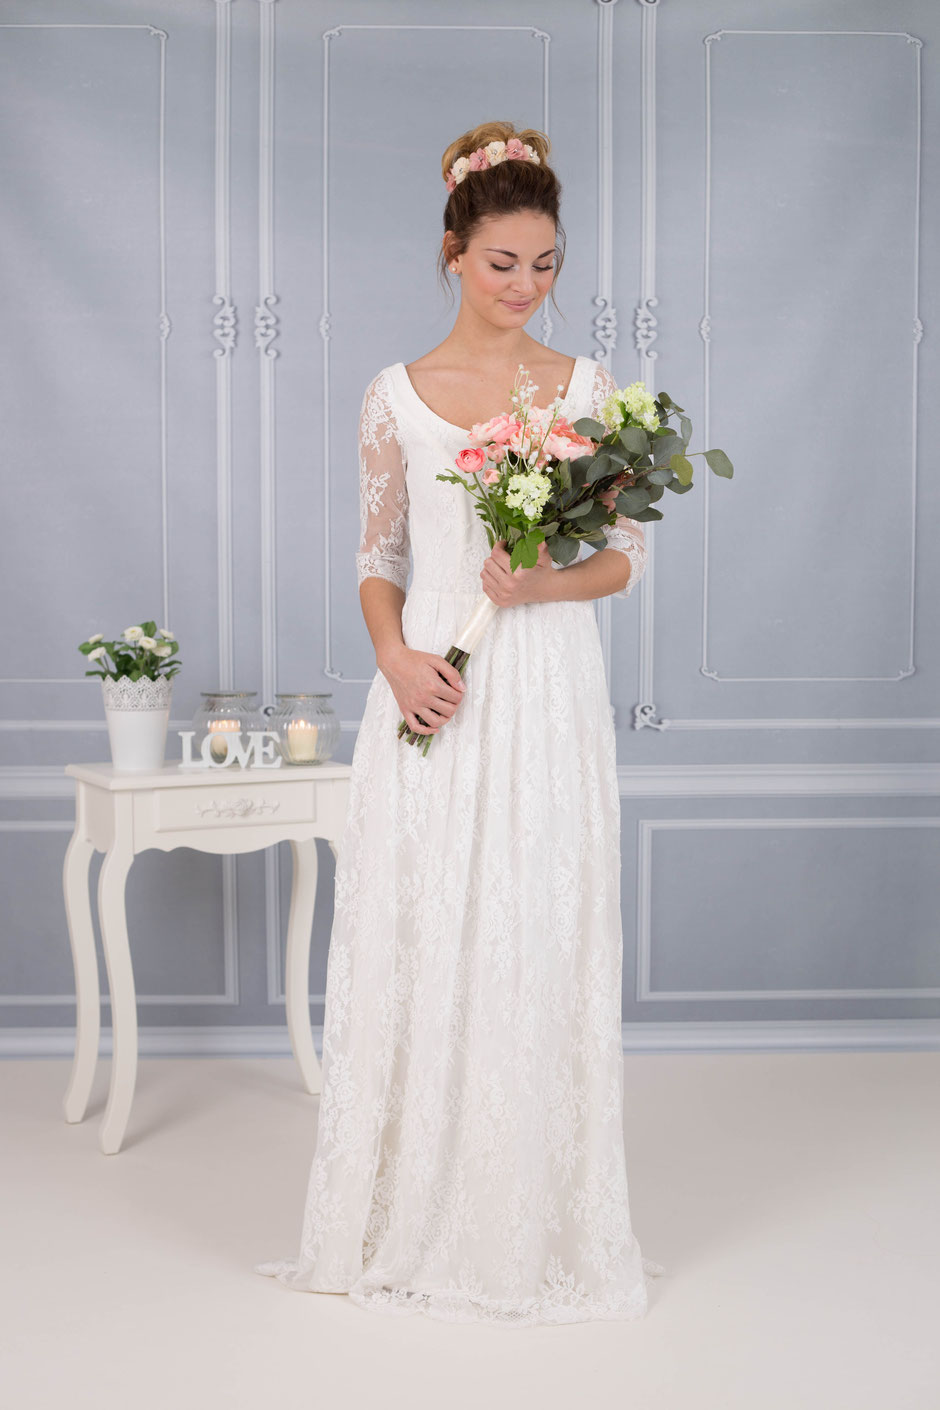 Großzügig Vintage Brautkleider Mit ärmeln Ideen - Brautkleider Ideen ...